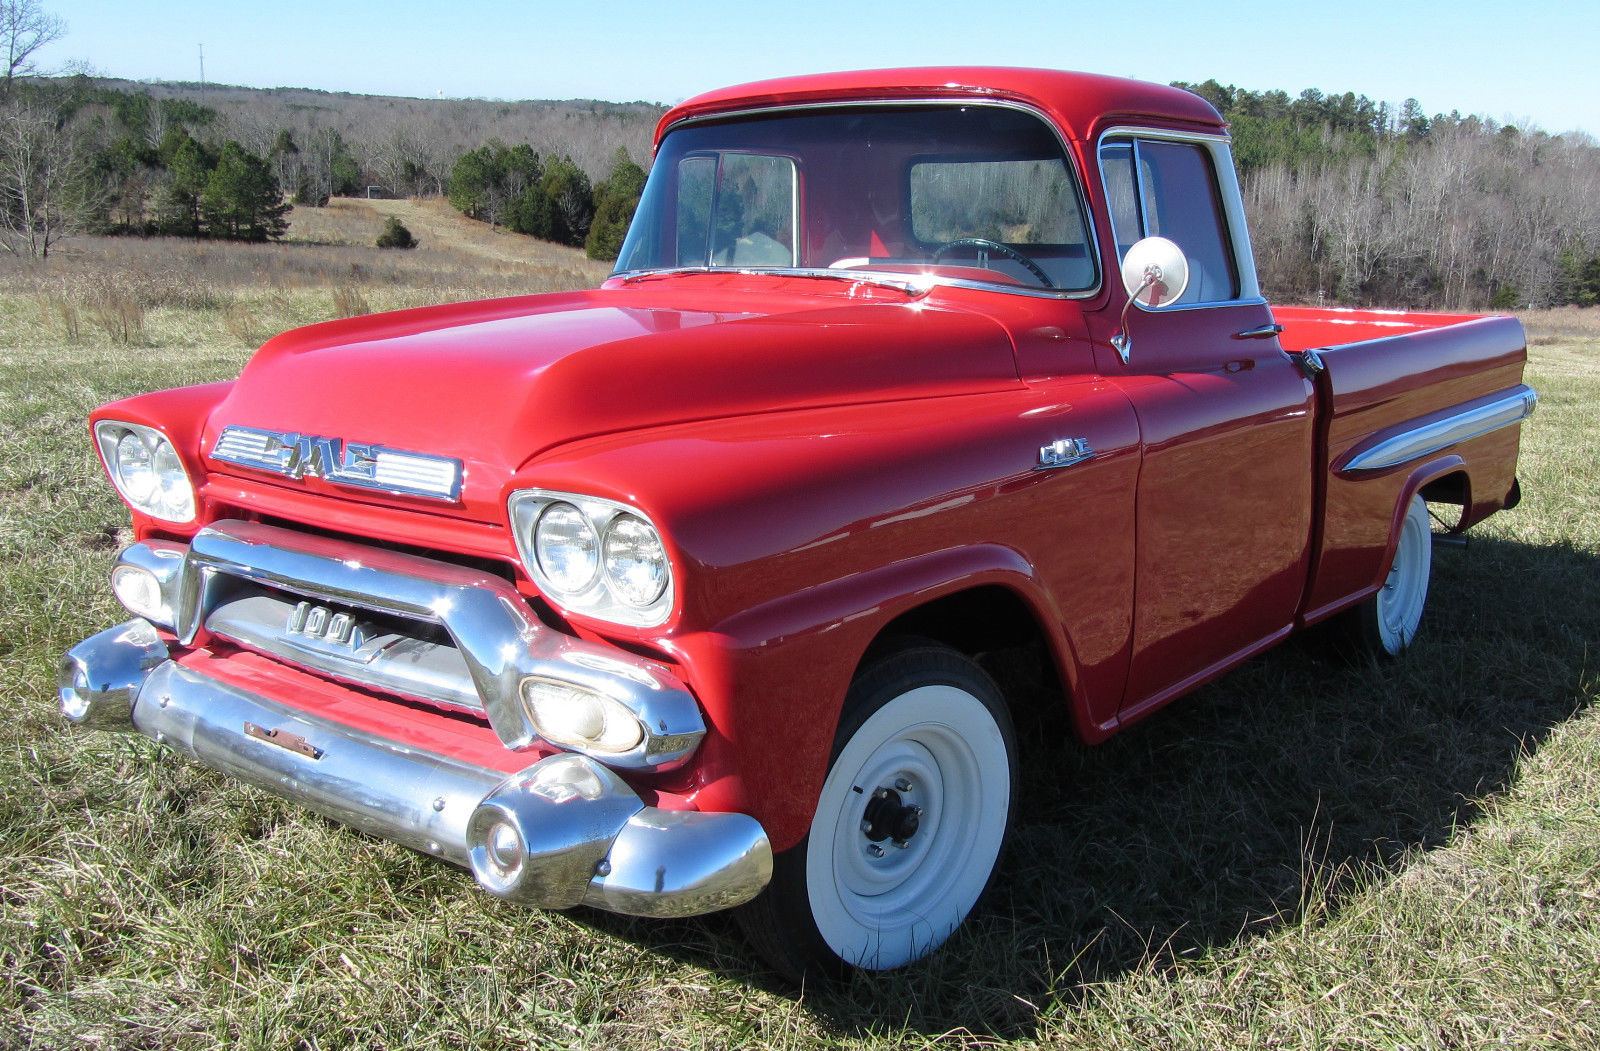 1958 Gmc Fleetside Pickup Wideside Chevrolet Custom Deluxe Classic Truck 100 Classic Gmc Deluxe Chevrolet Other Custom 1958 For Sale